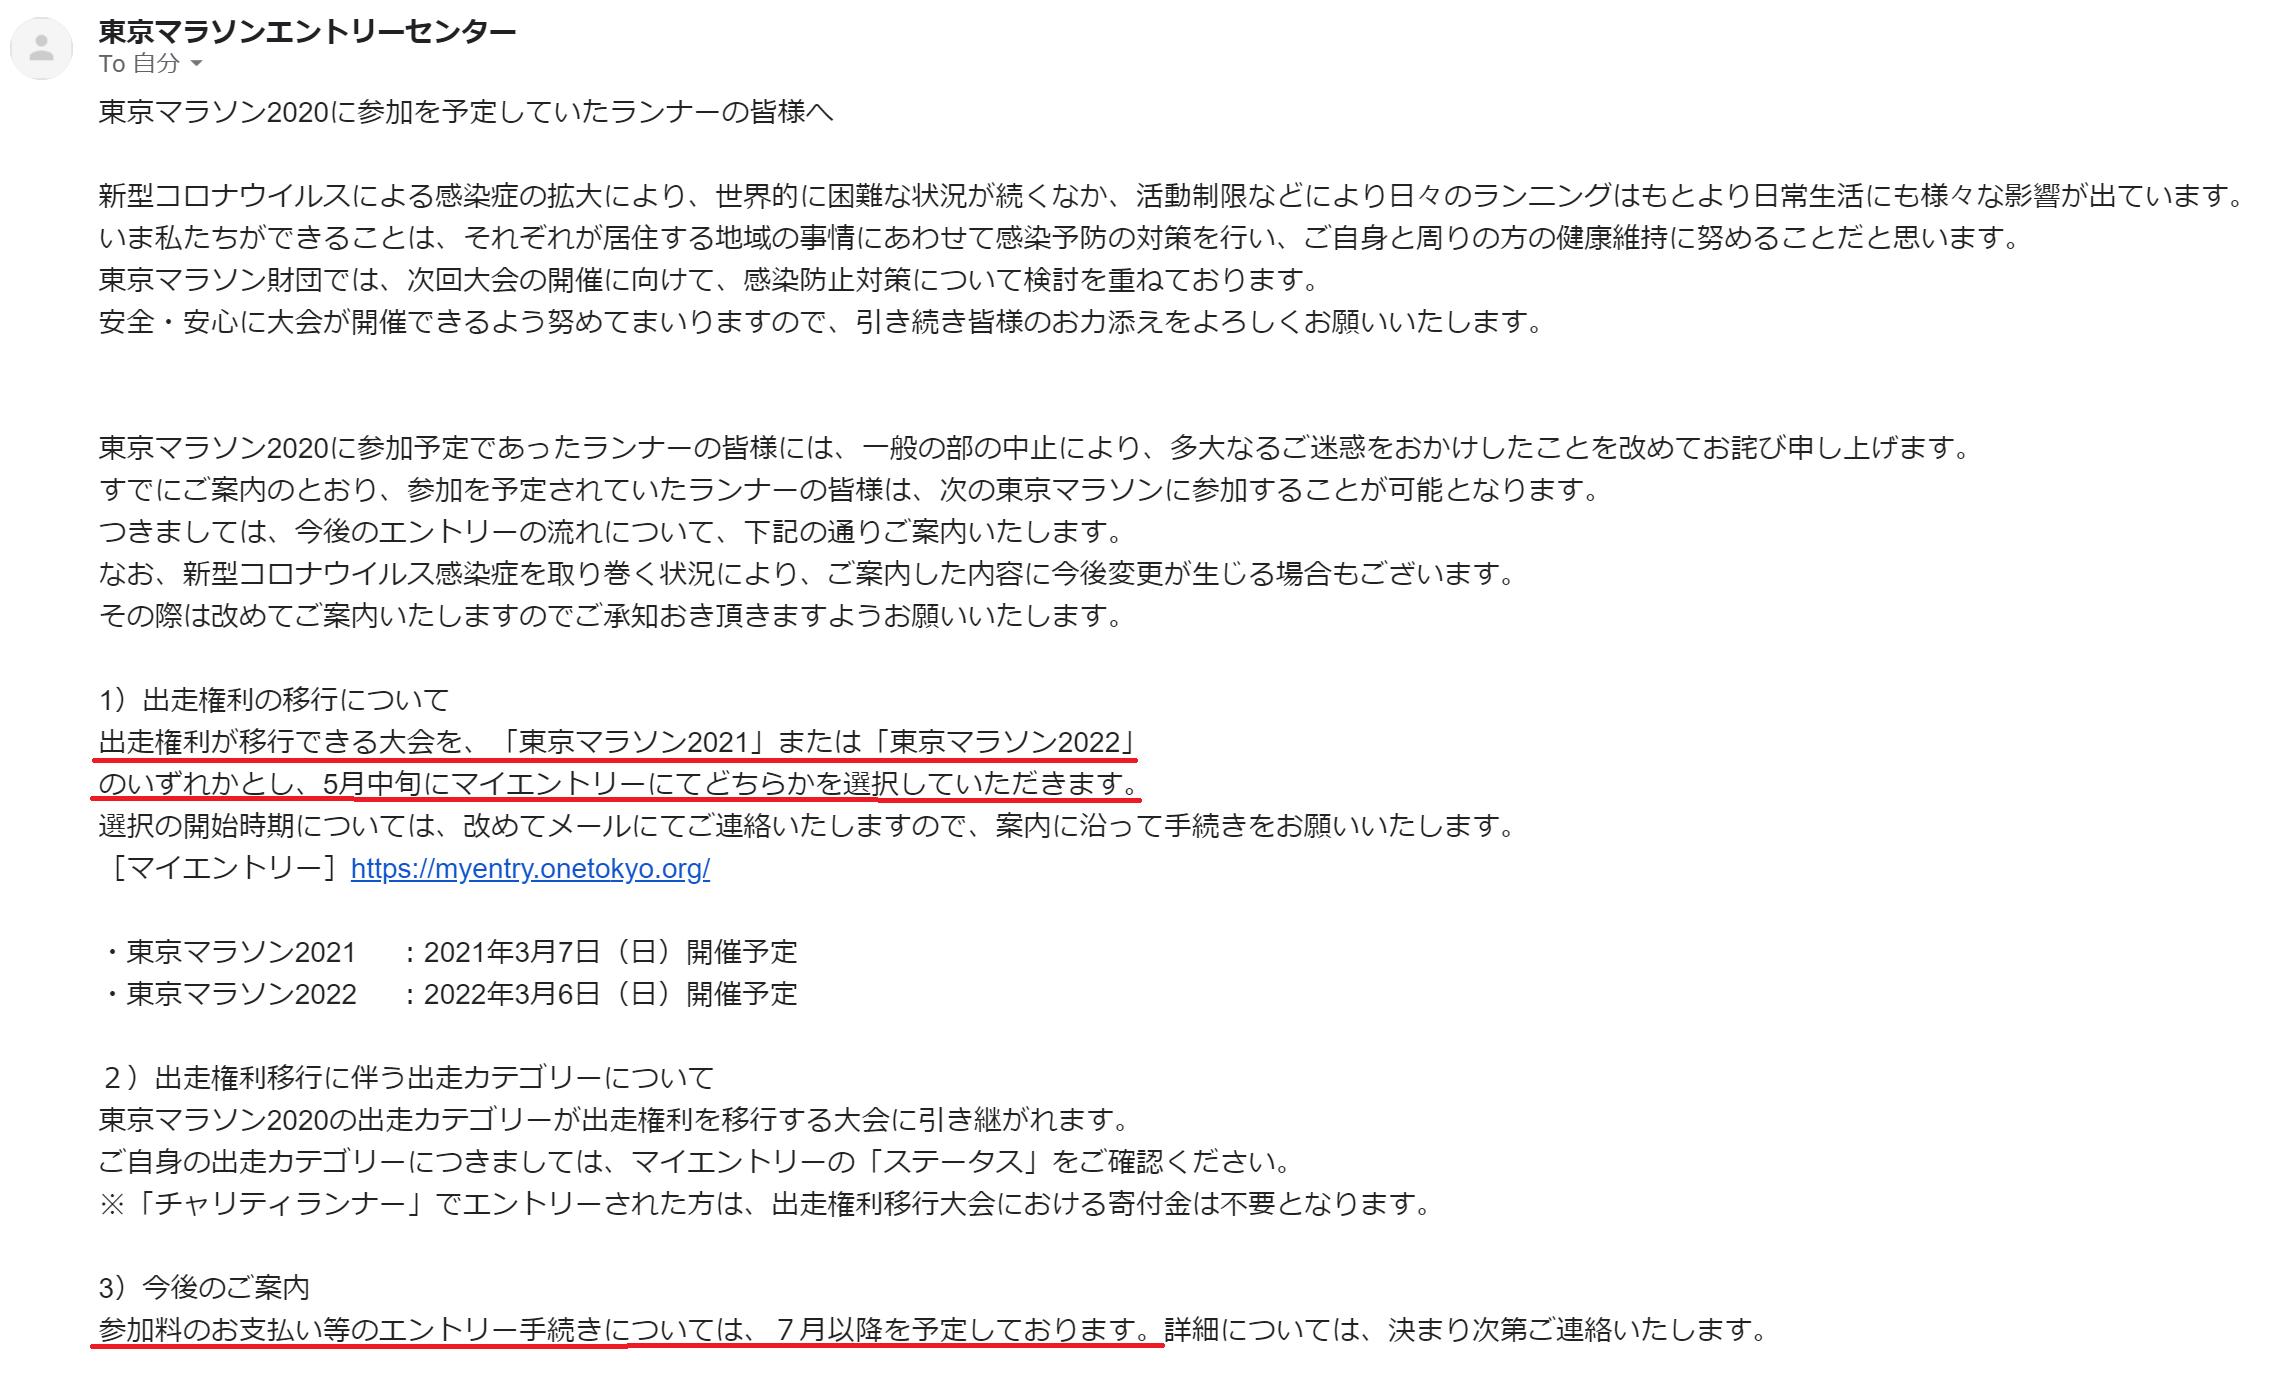 東京マラソン2020参加予定だったランナー様へ